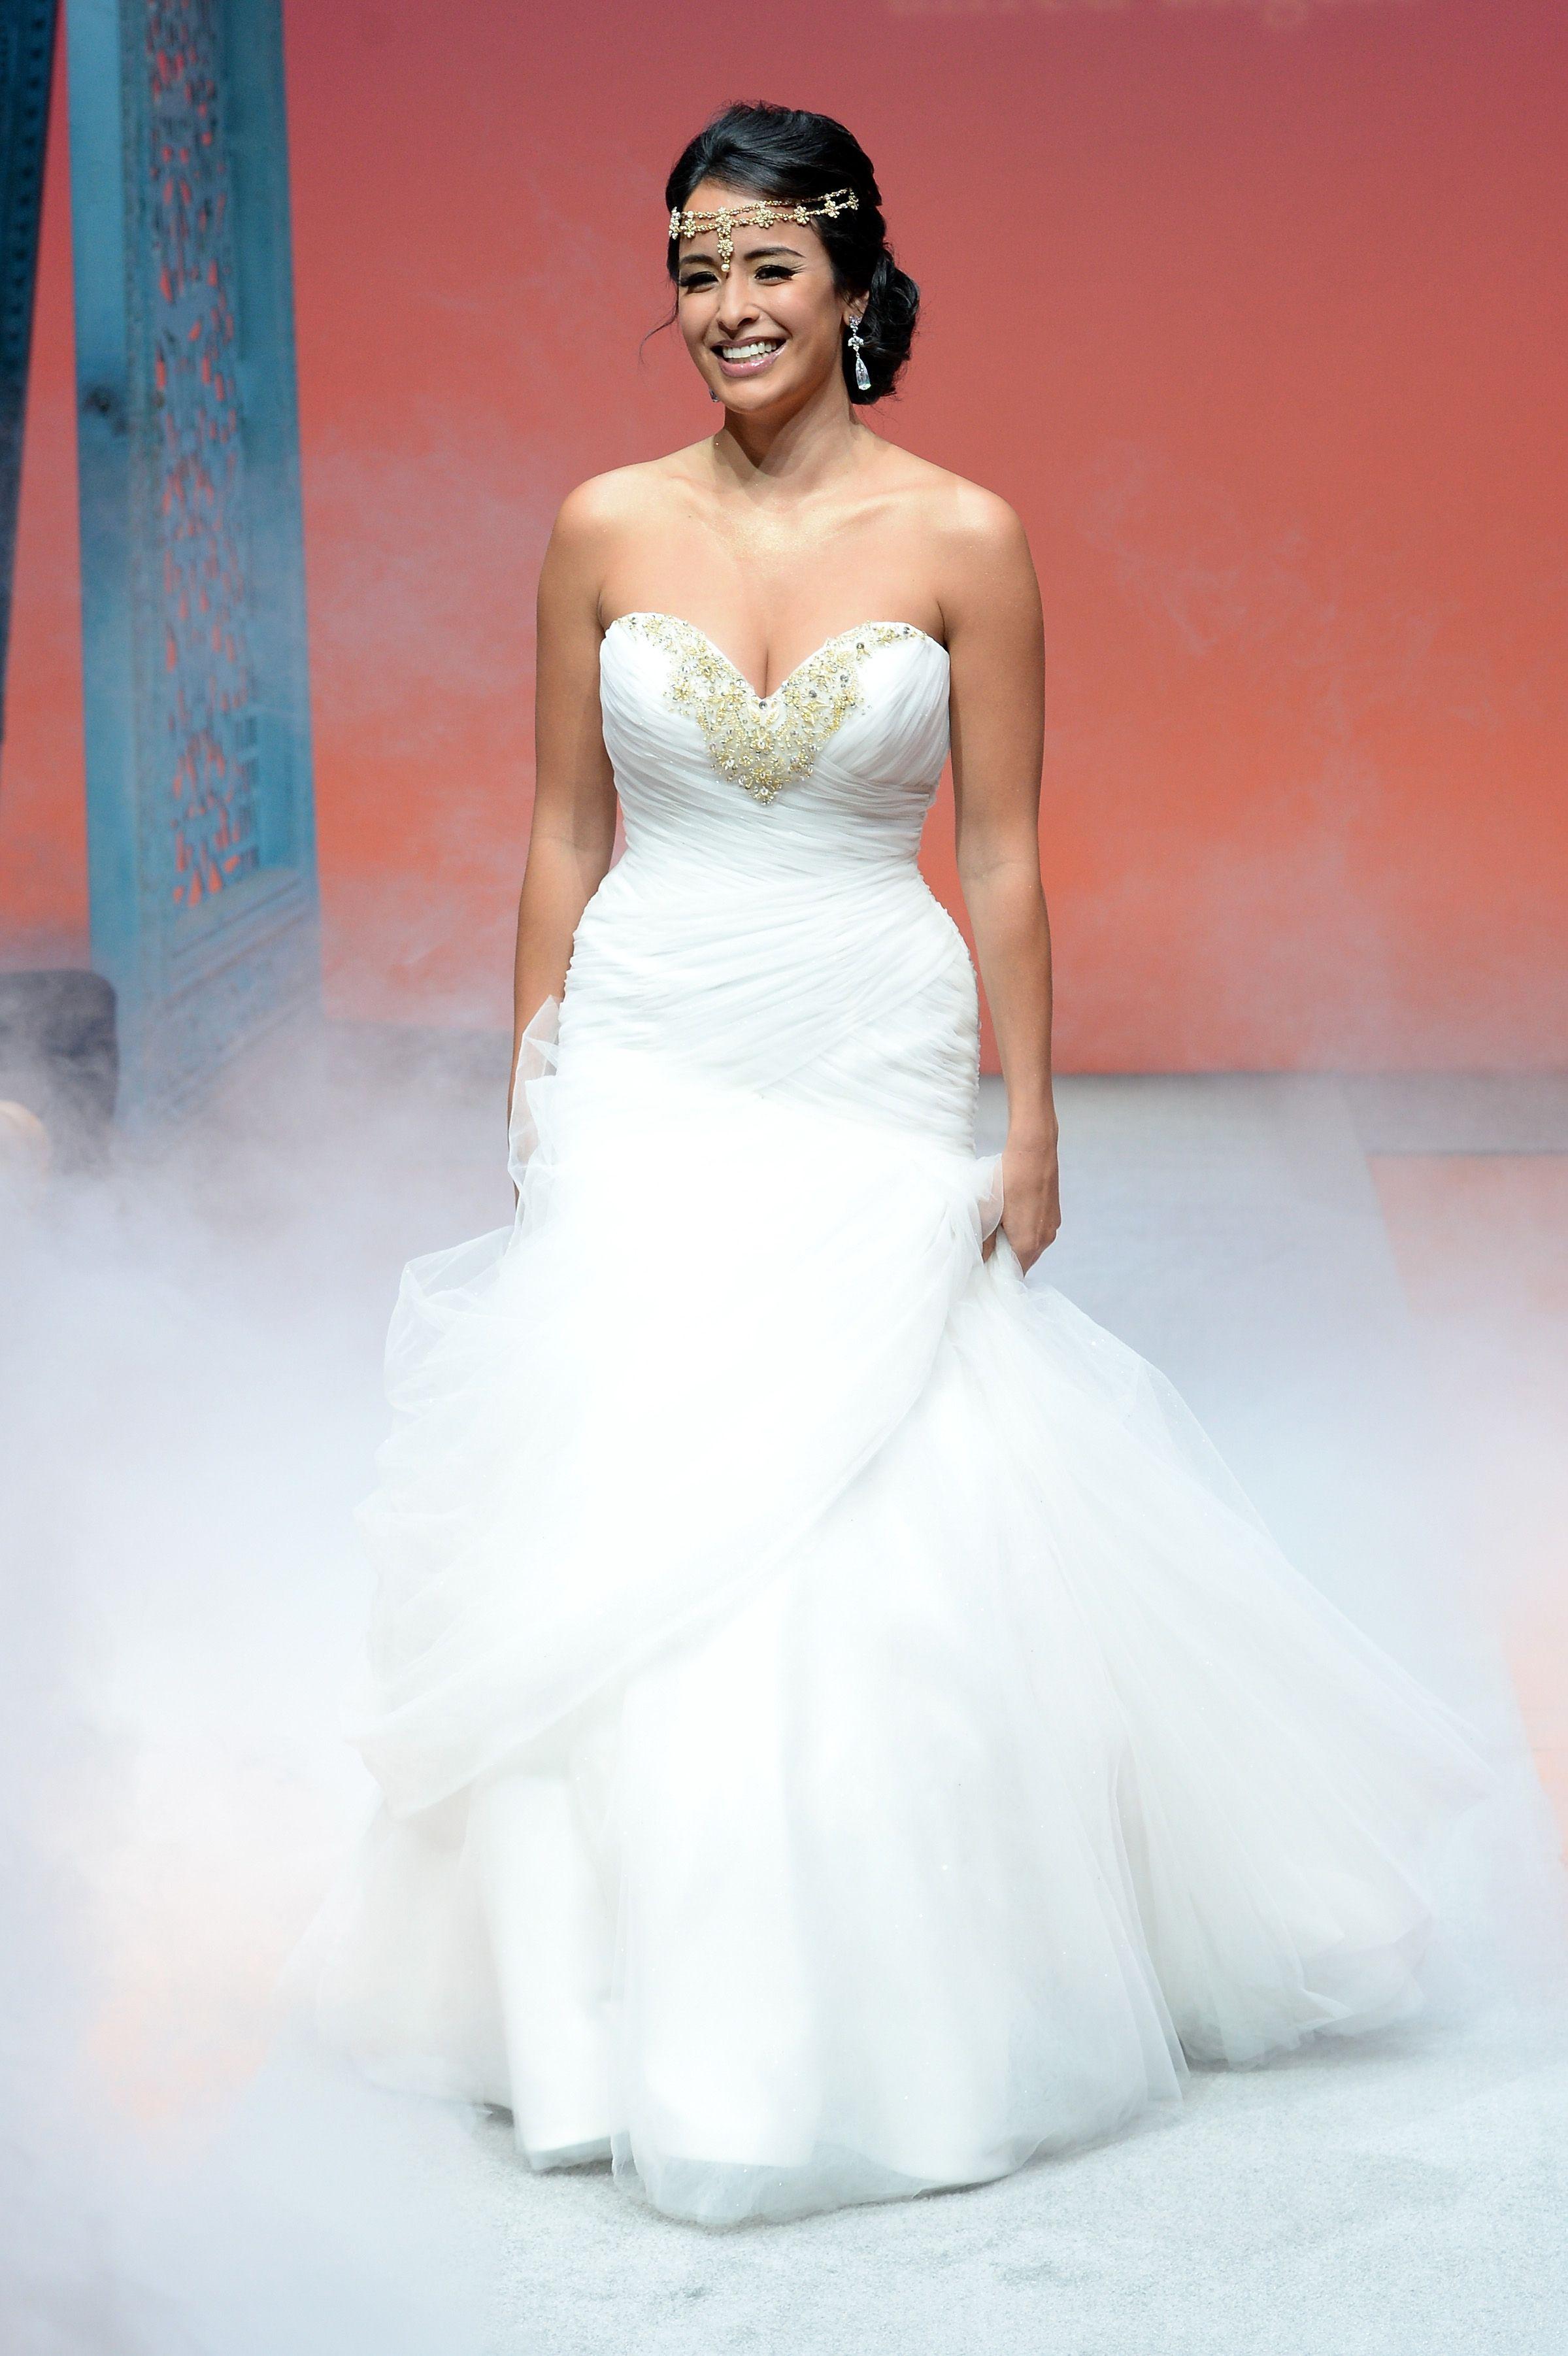 The2016disneyfairytaleweddingscollectionisshining disney wedding dresses ombrellifo Images